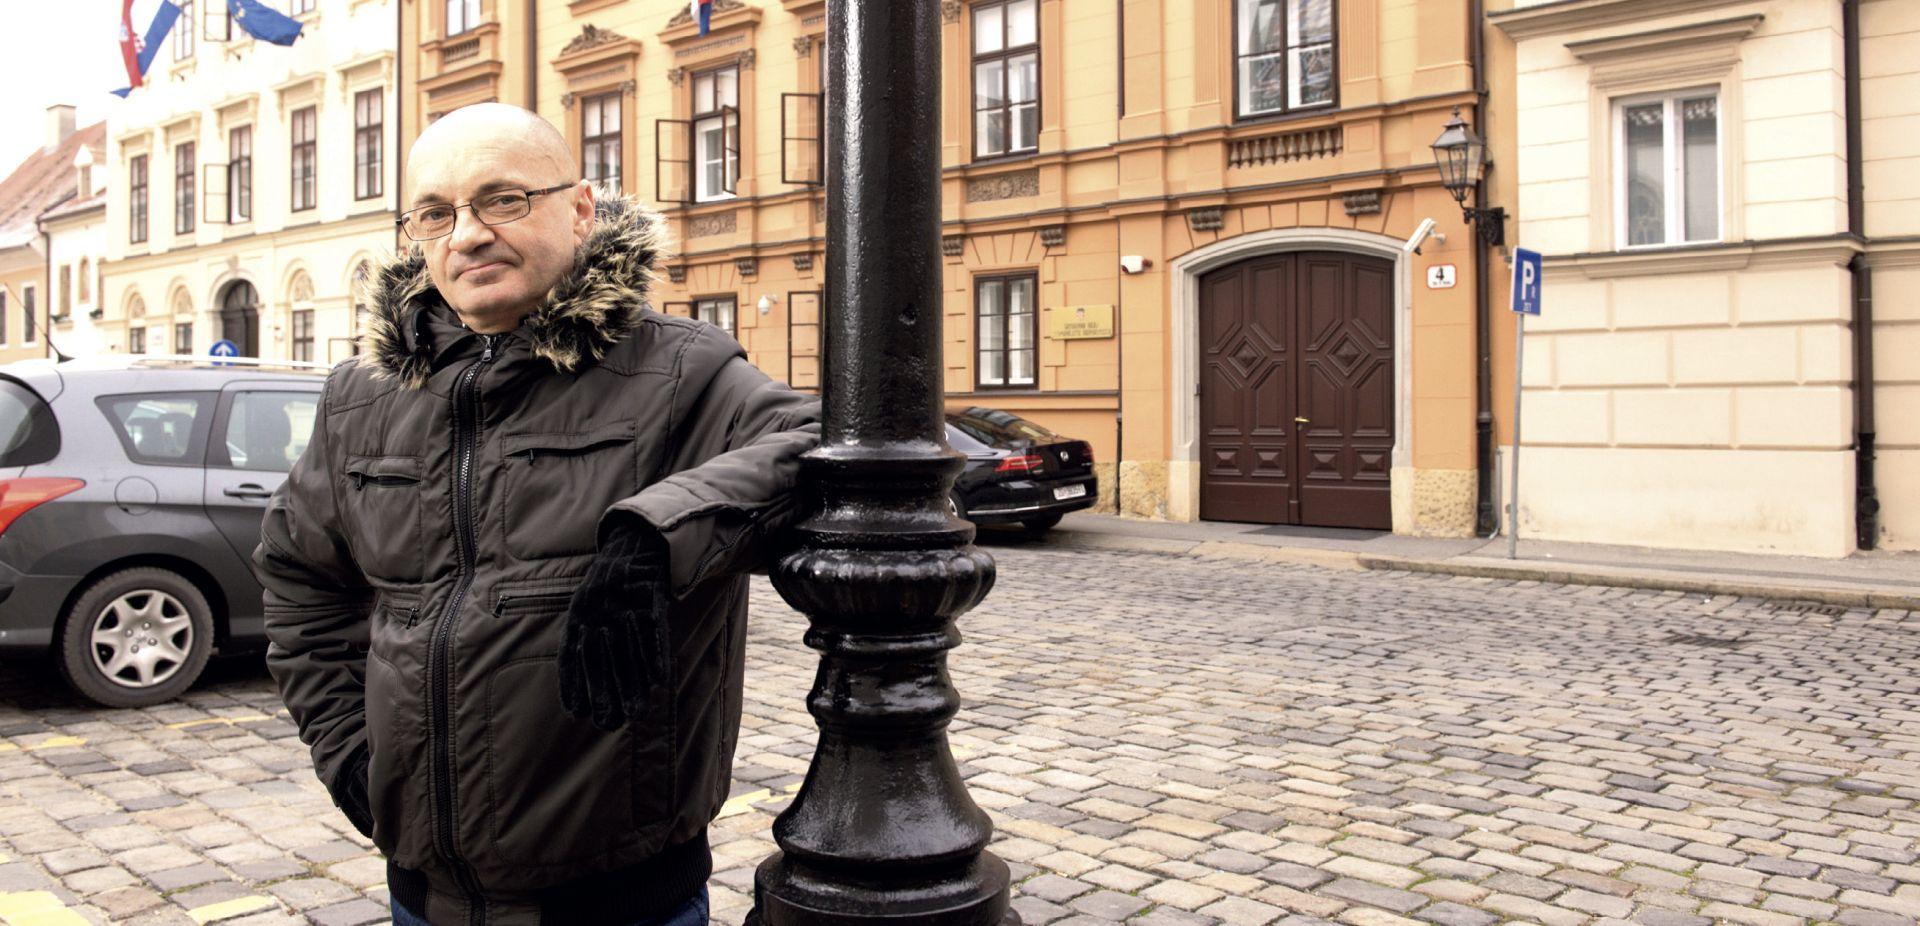 INTERVIEW: GORAN ALEKSIĆ 'Vjerujem da će Vrhovni sud utvrditi kako su banke svjesno prevarile građane'